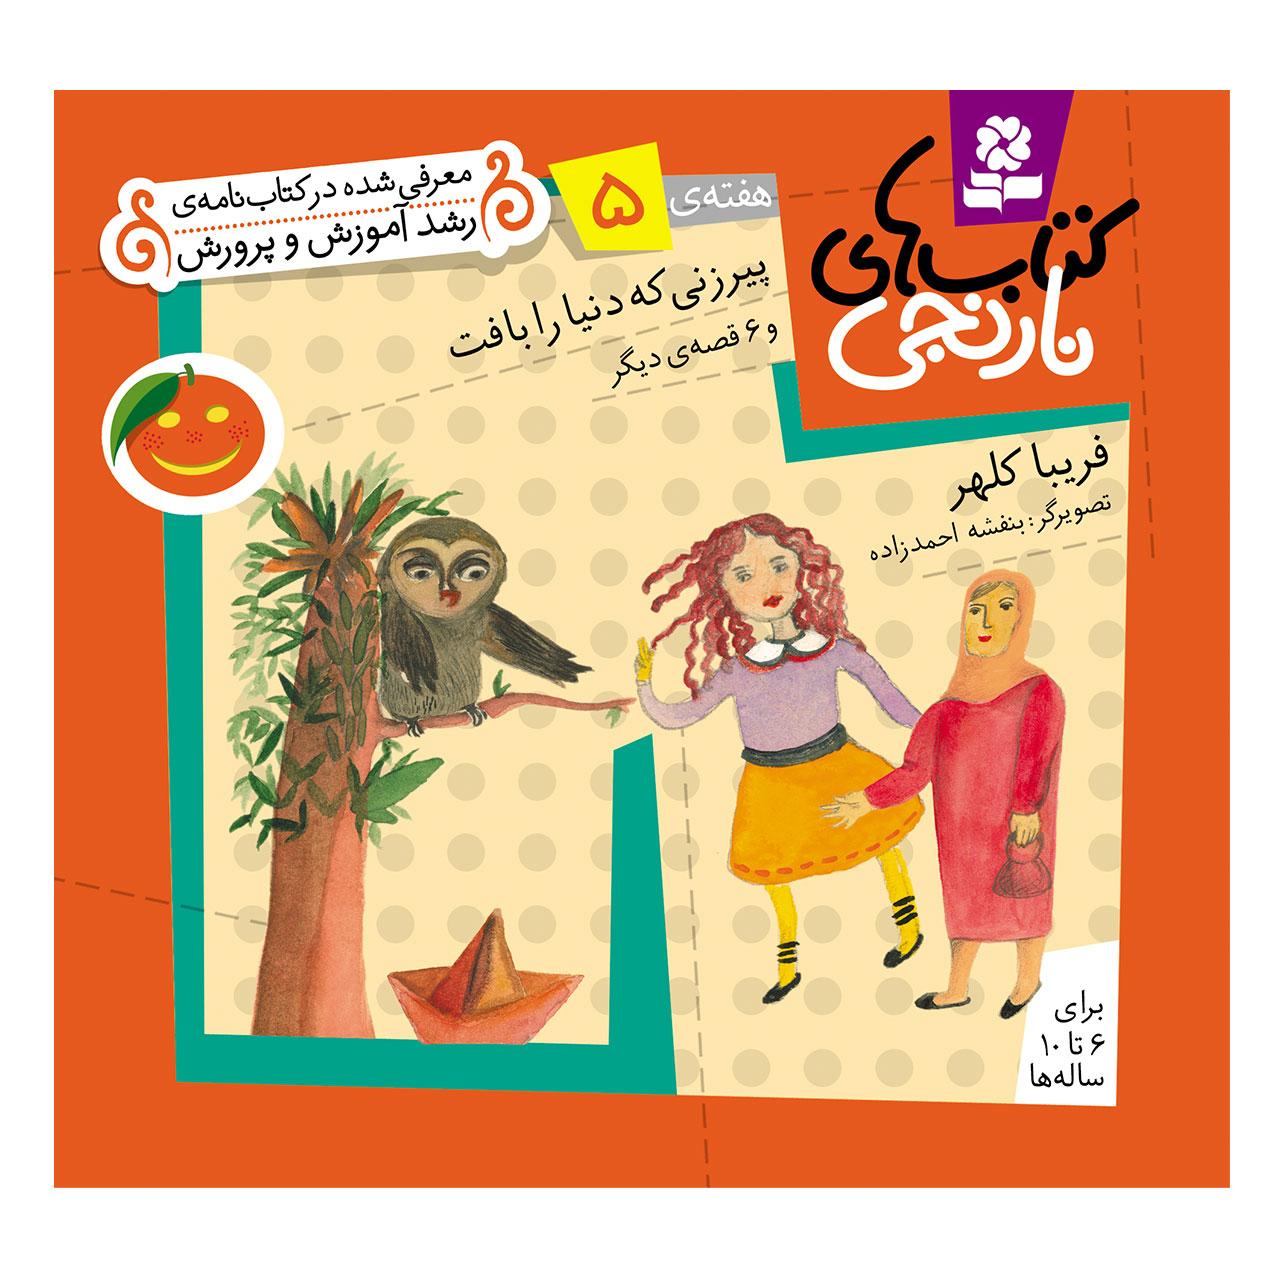 کتاب نارنجی هفته ی 5 پیرزنی که دنیا را بافت و 6 قصه ی دیگر اثر فریبا کلهر انتشارات قدیانی